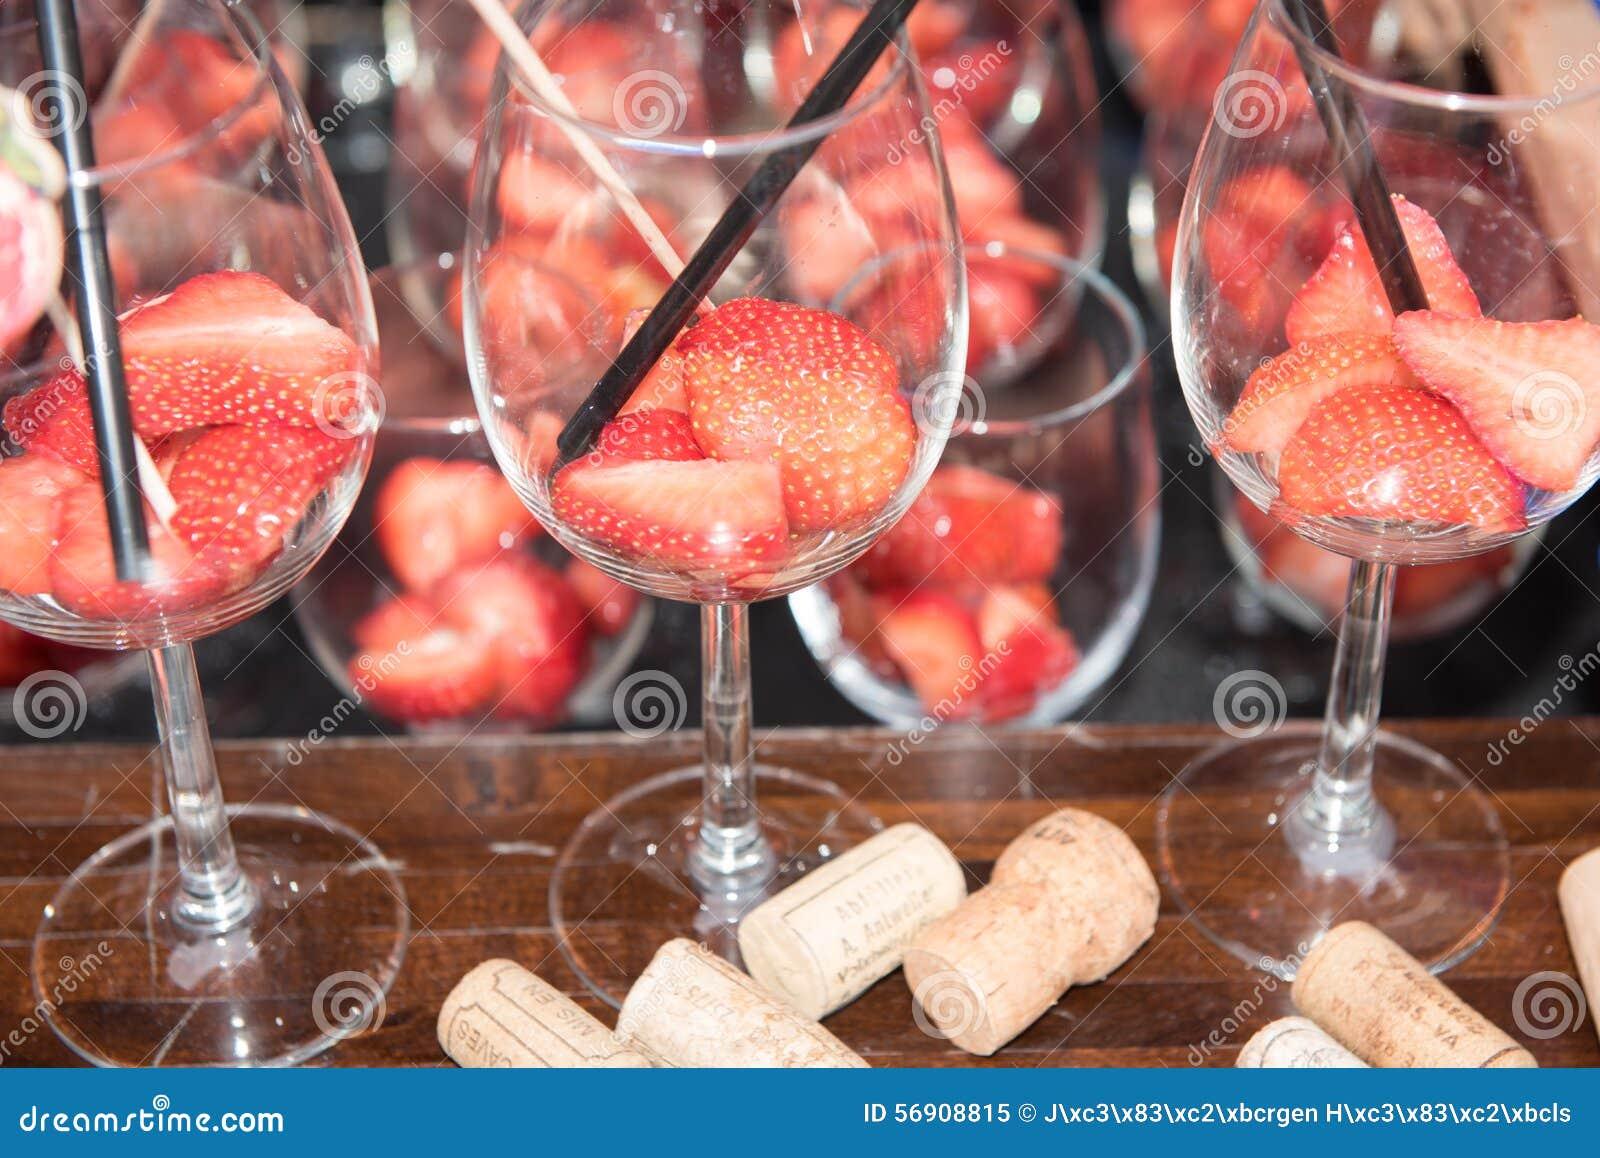 Φράουλες στα γυαλιά έτοιμα για ένα κοκτέιλ